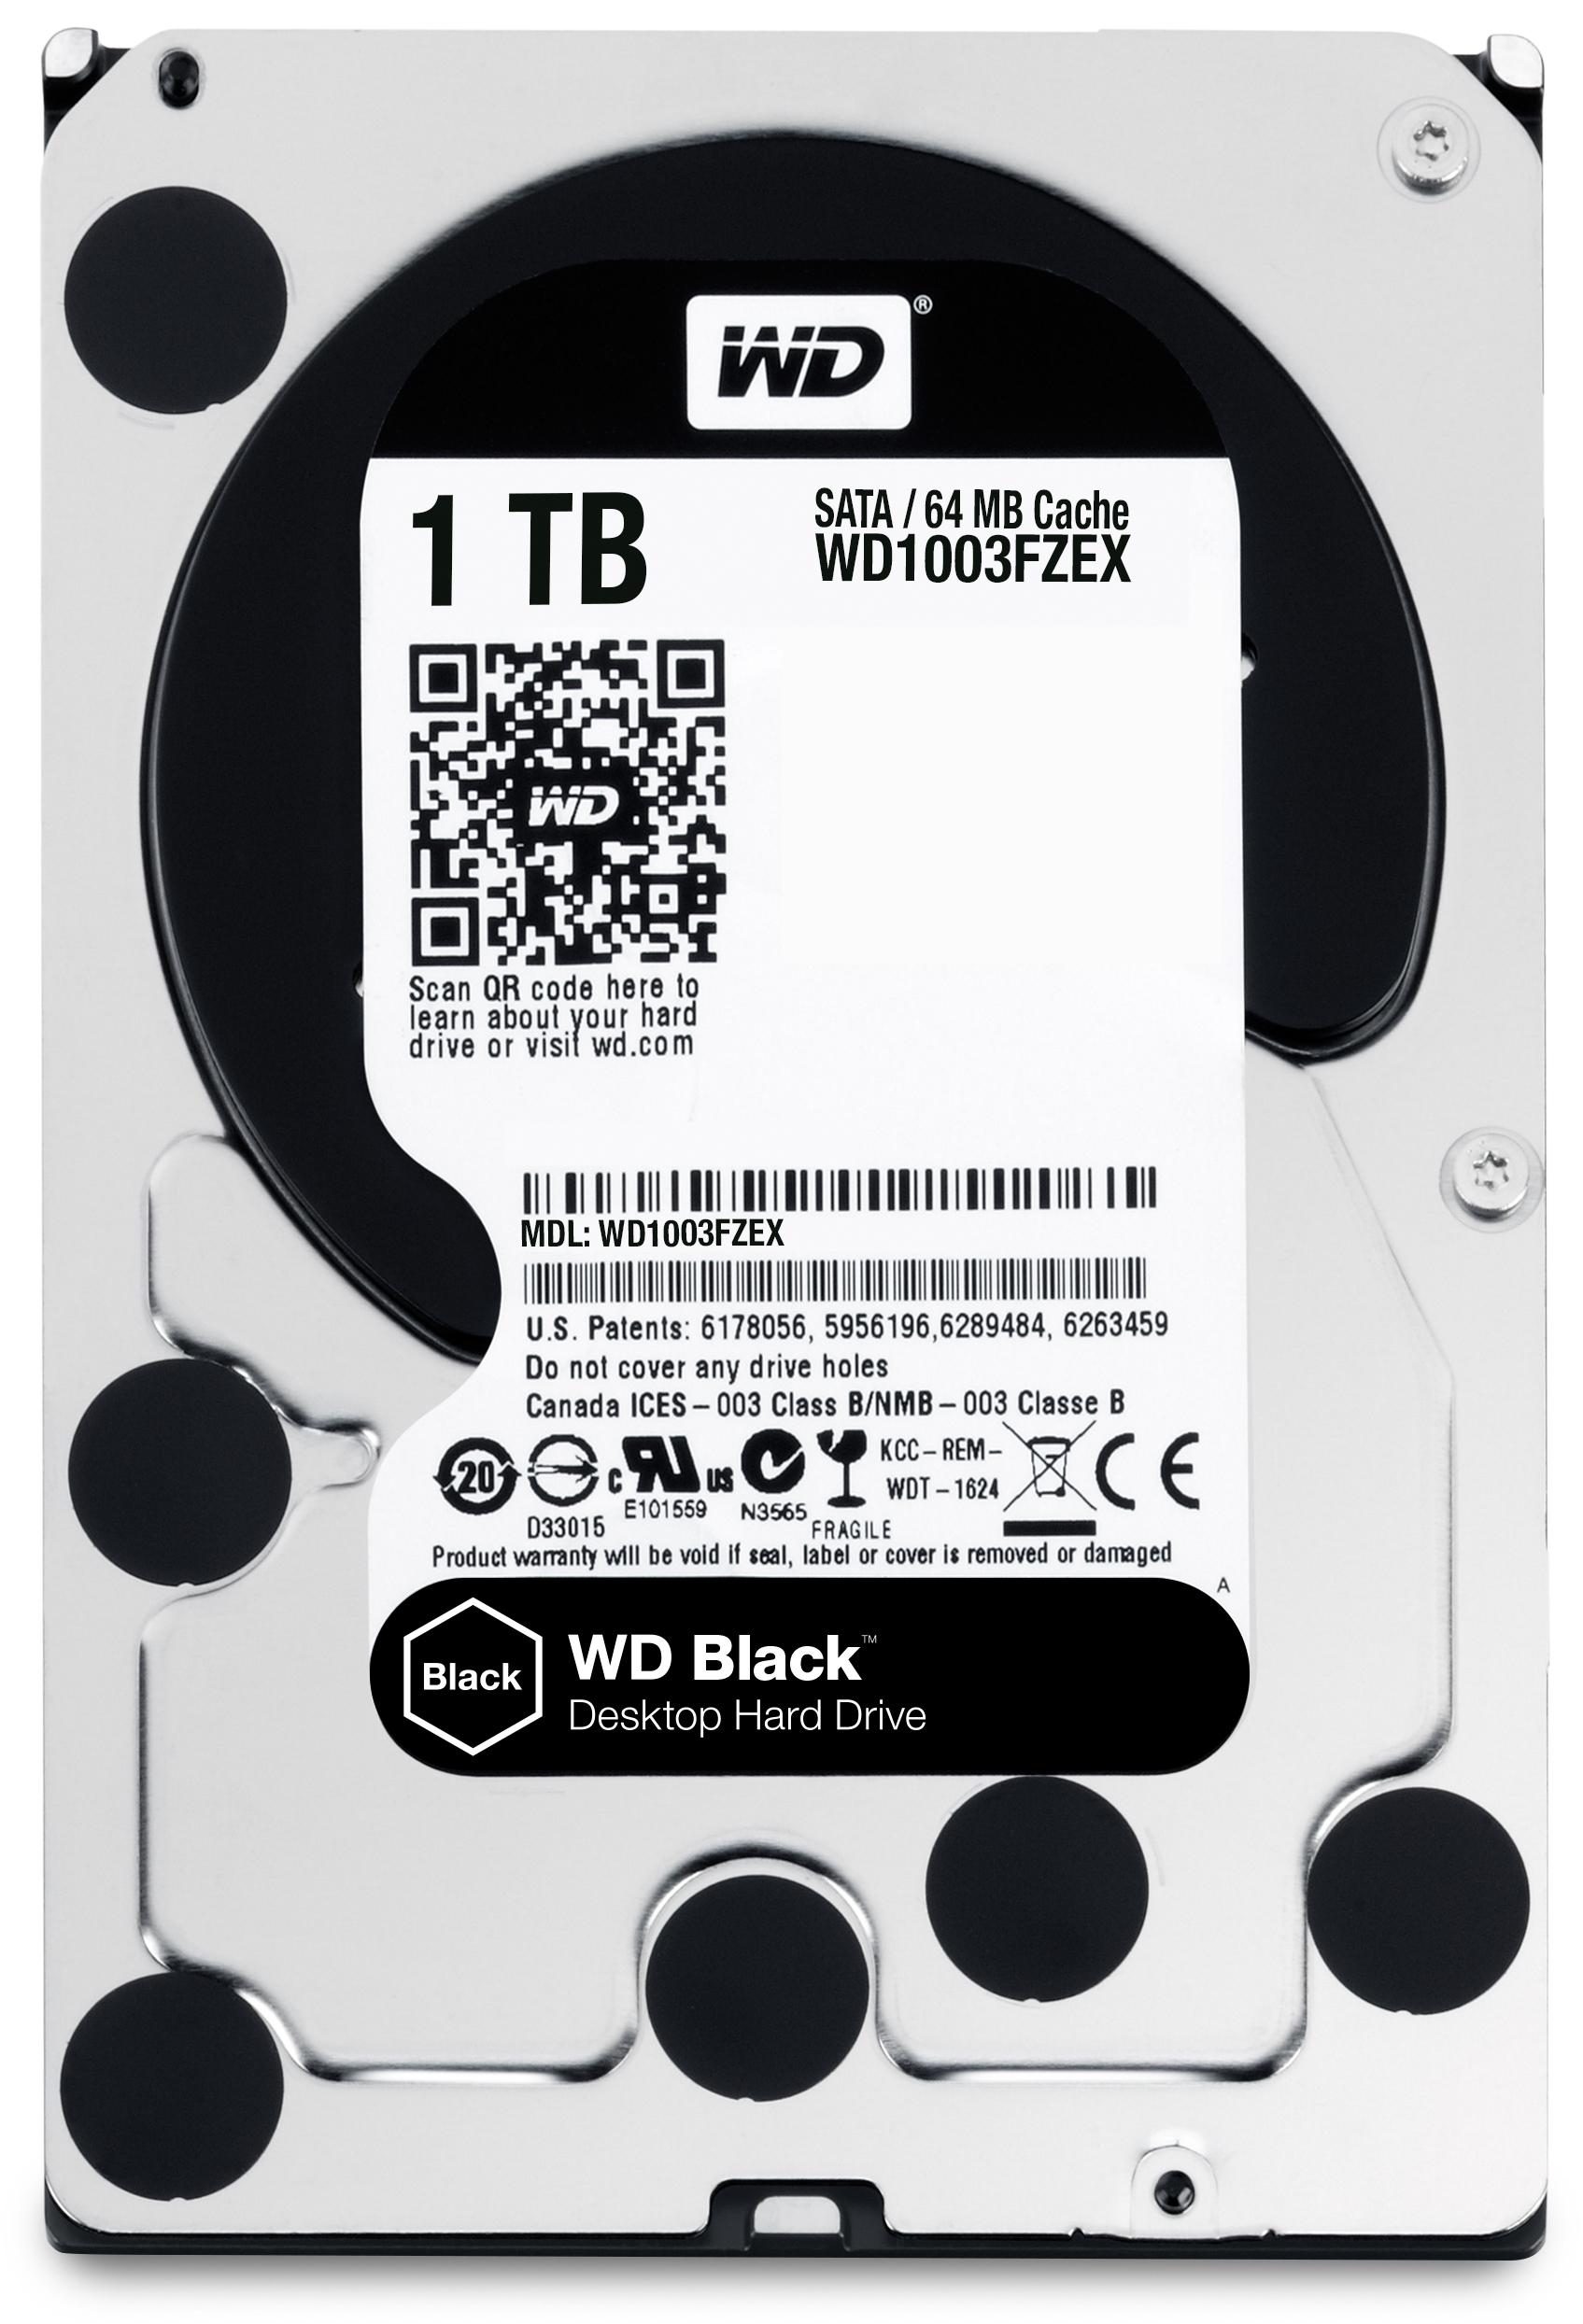 1000 GB WD1003FZEX Black (64 MB cache, SATA 6 GB/s, 7200 rpm)